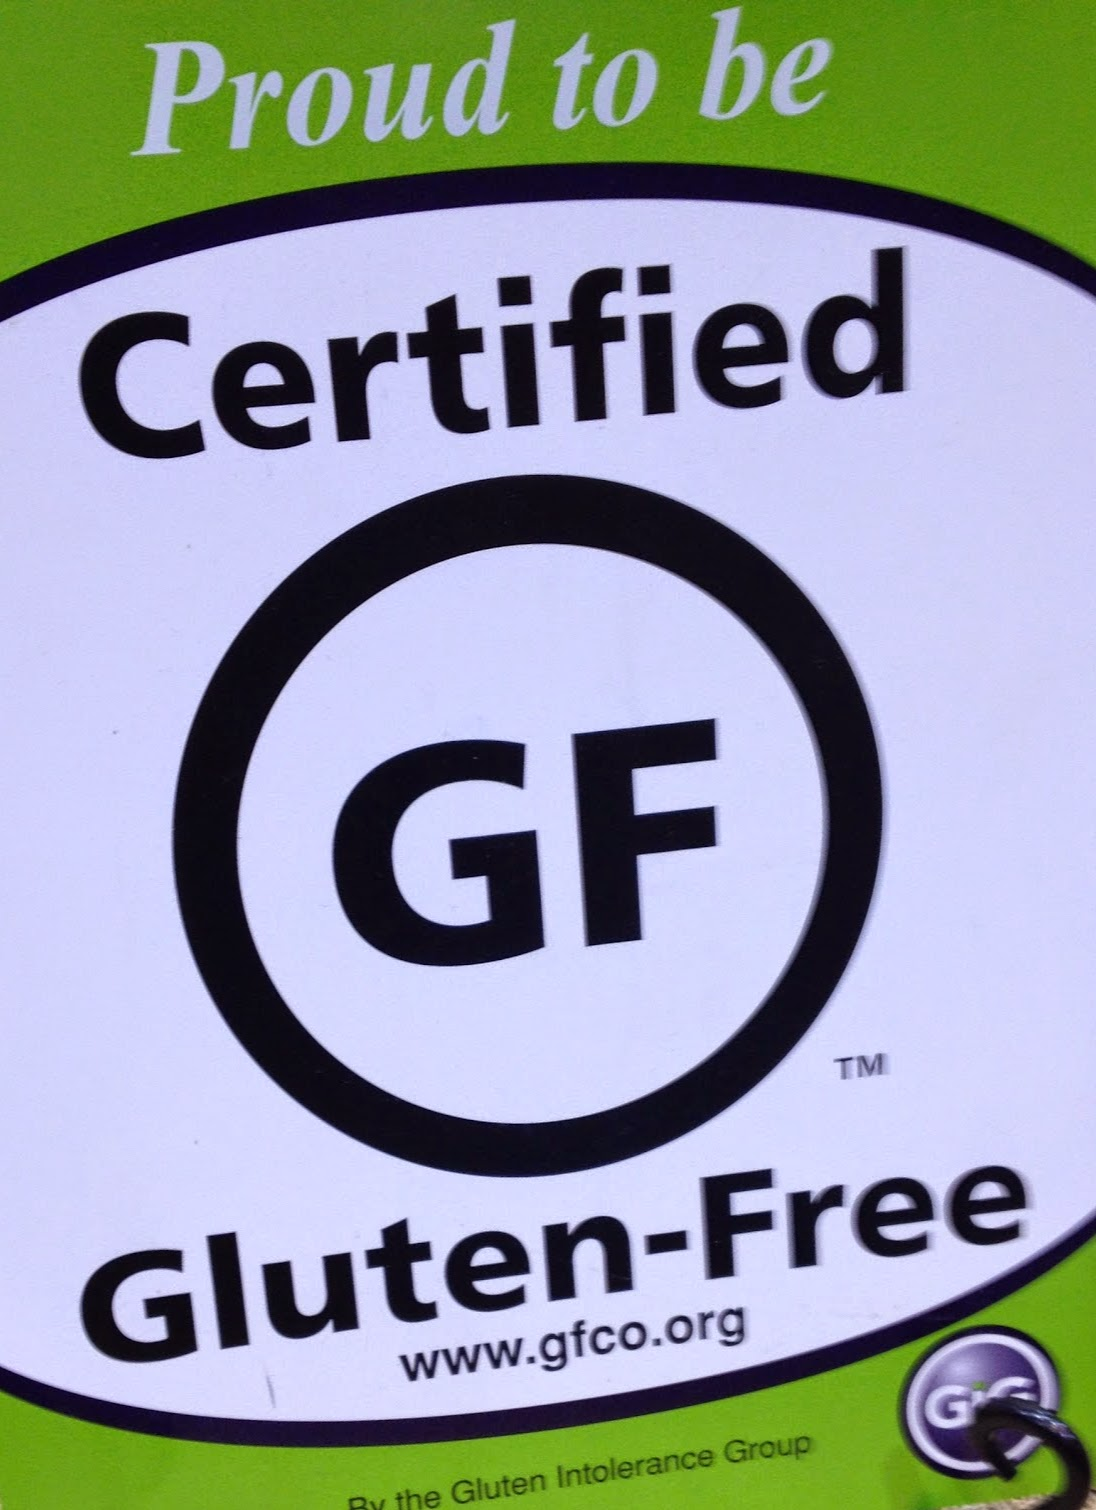 Certified Gluten-Free